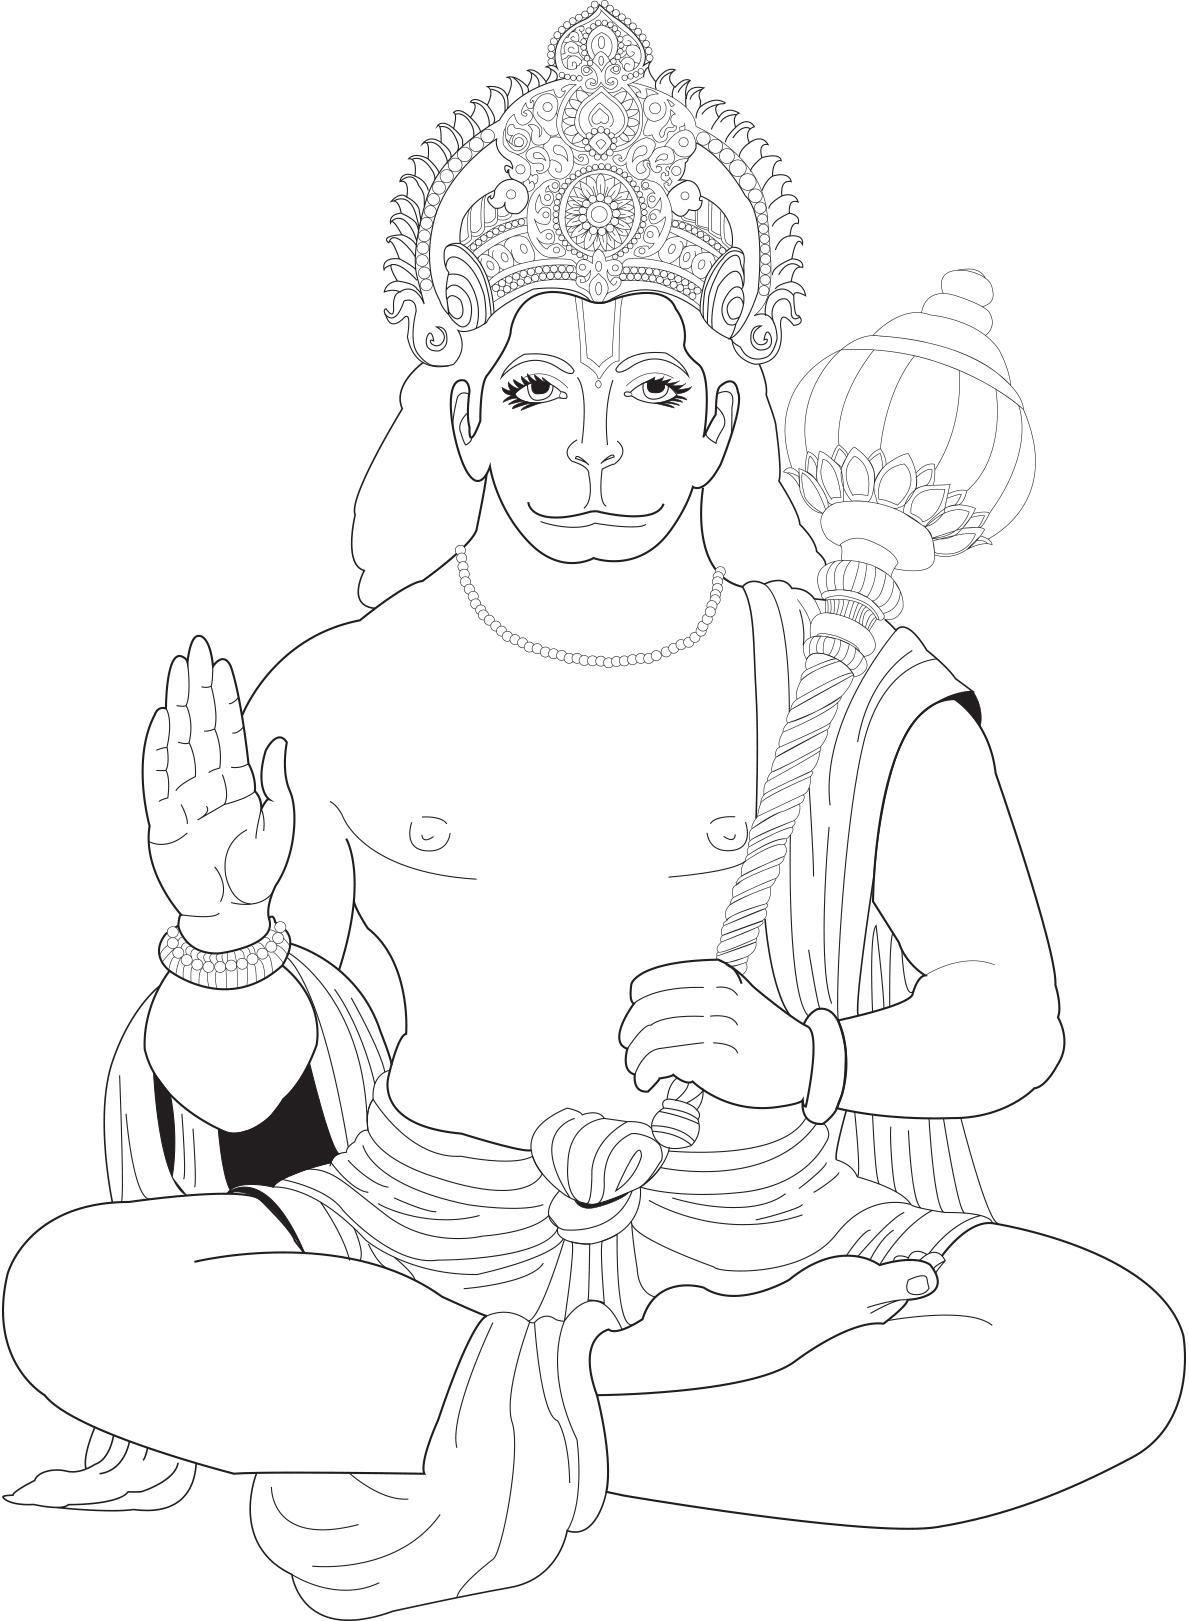 Ce dieu, Hanuman, est un Vanara, un héros capable de se métamorphoser.